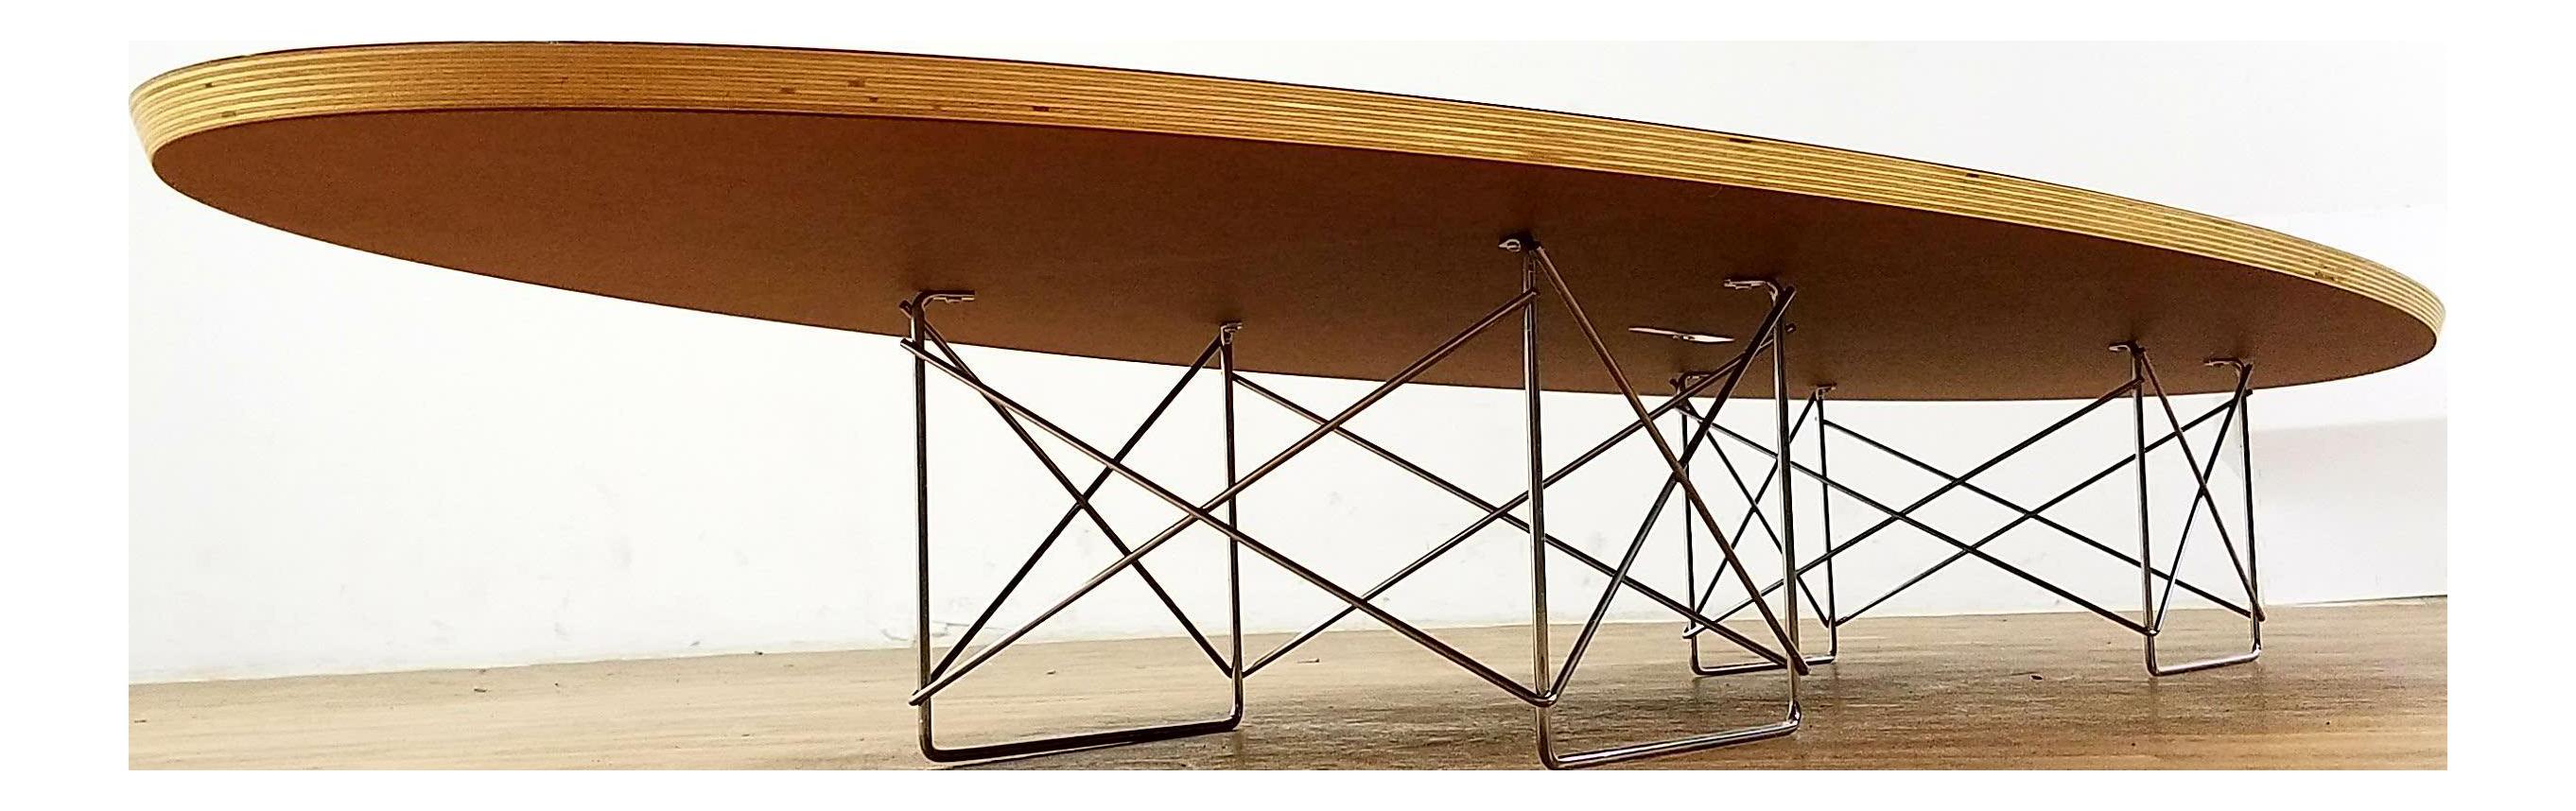 Eames Herman Miller Elliptical Surfboard Coffee Table